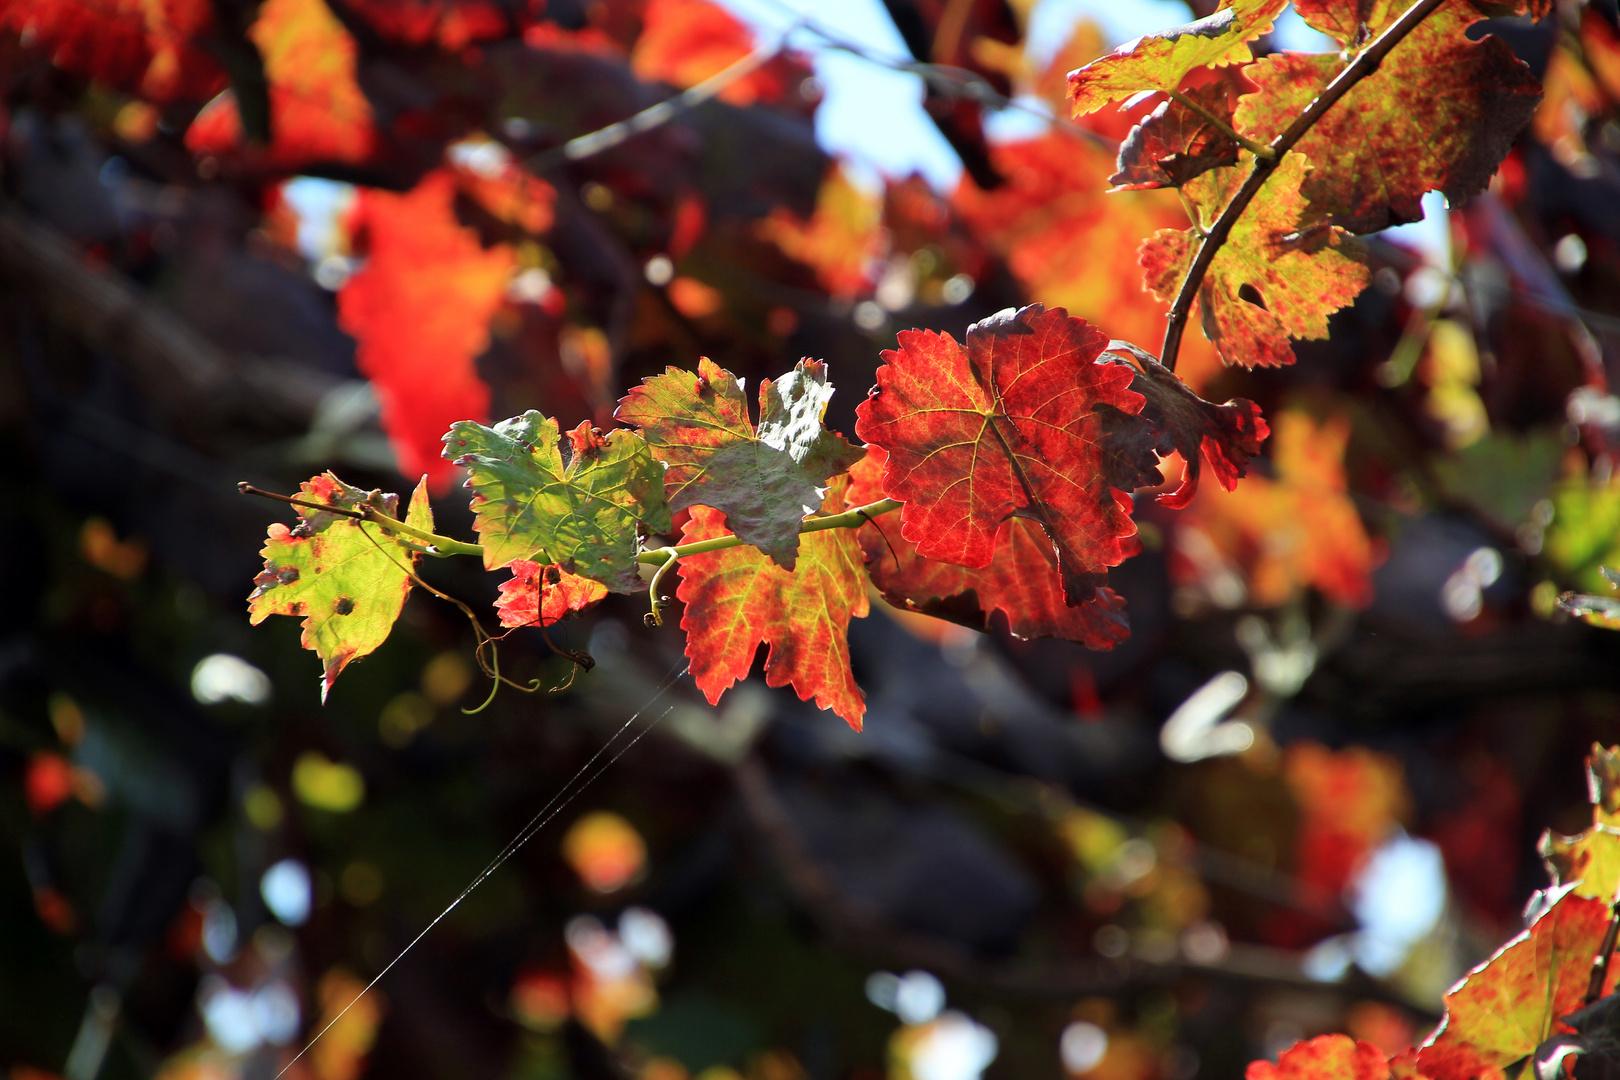 Herbst...Wein...Laub